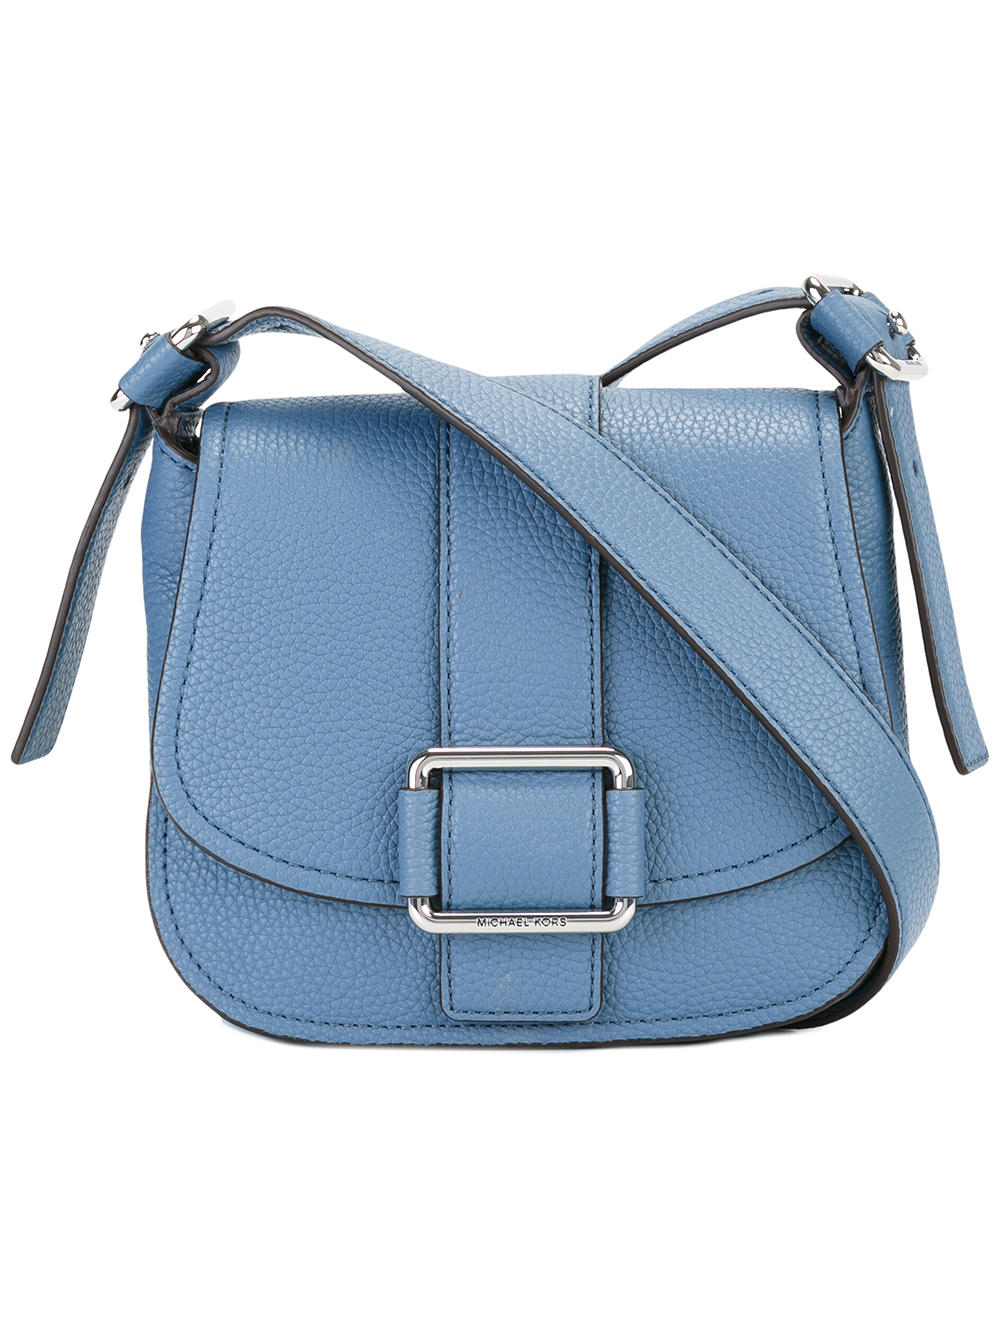 небольшая сумка голубого цвета майкл корс